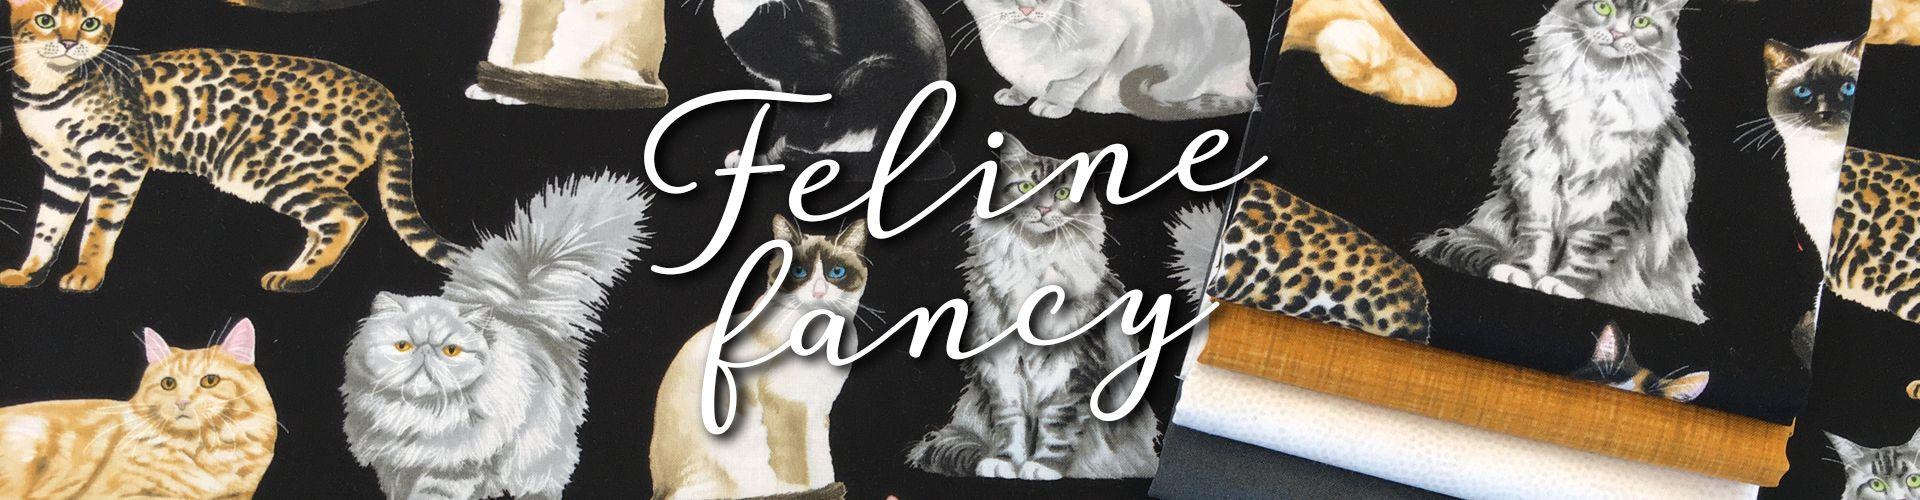 quiltestæsj-1920x500-Feline Fancy